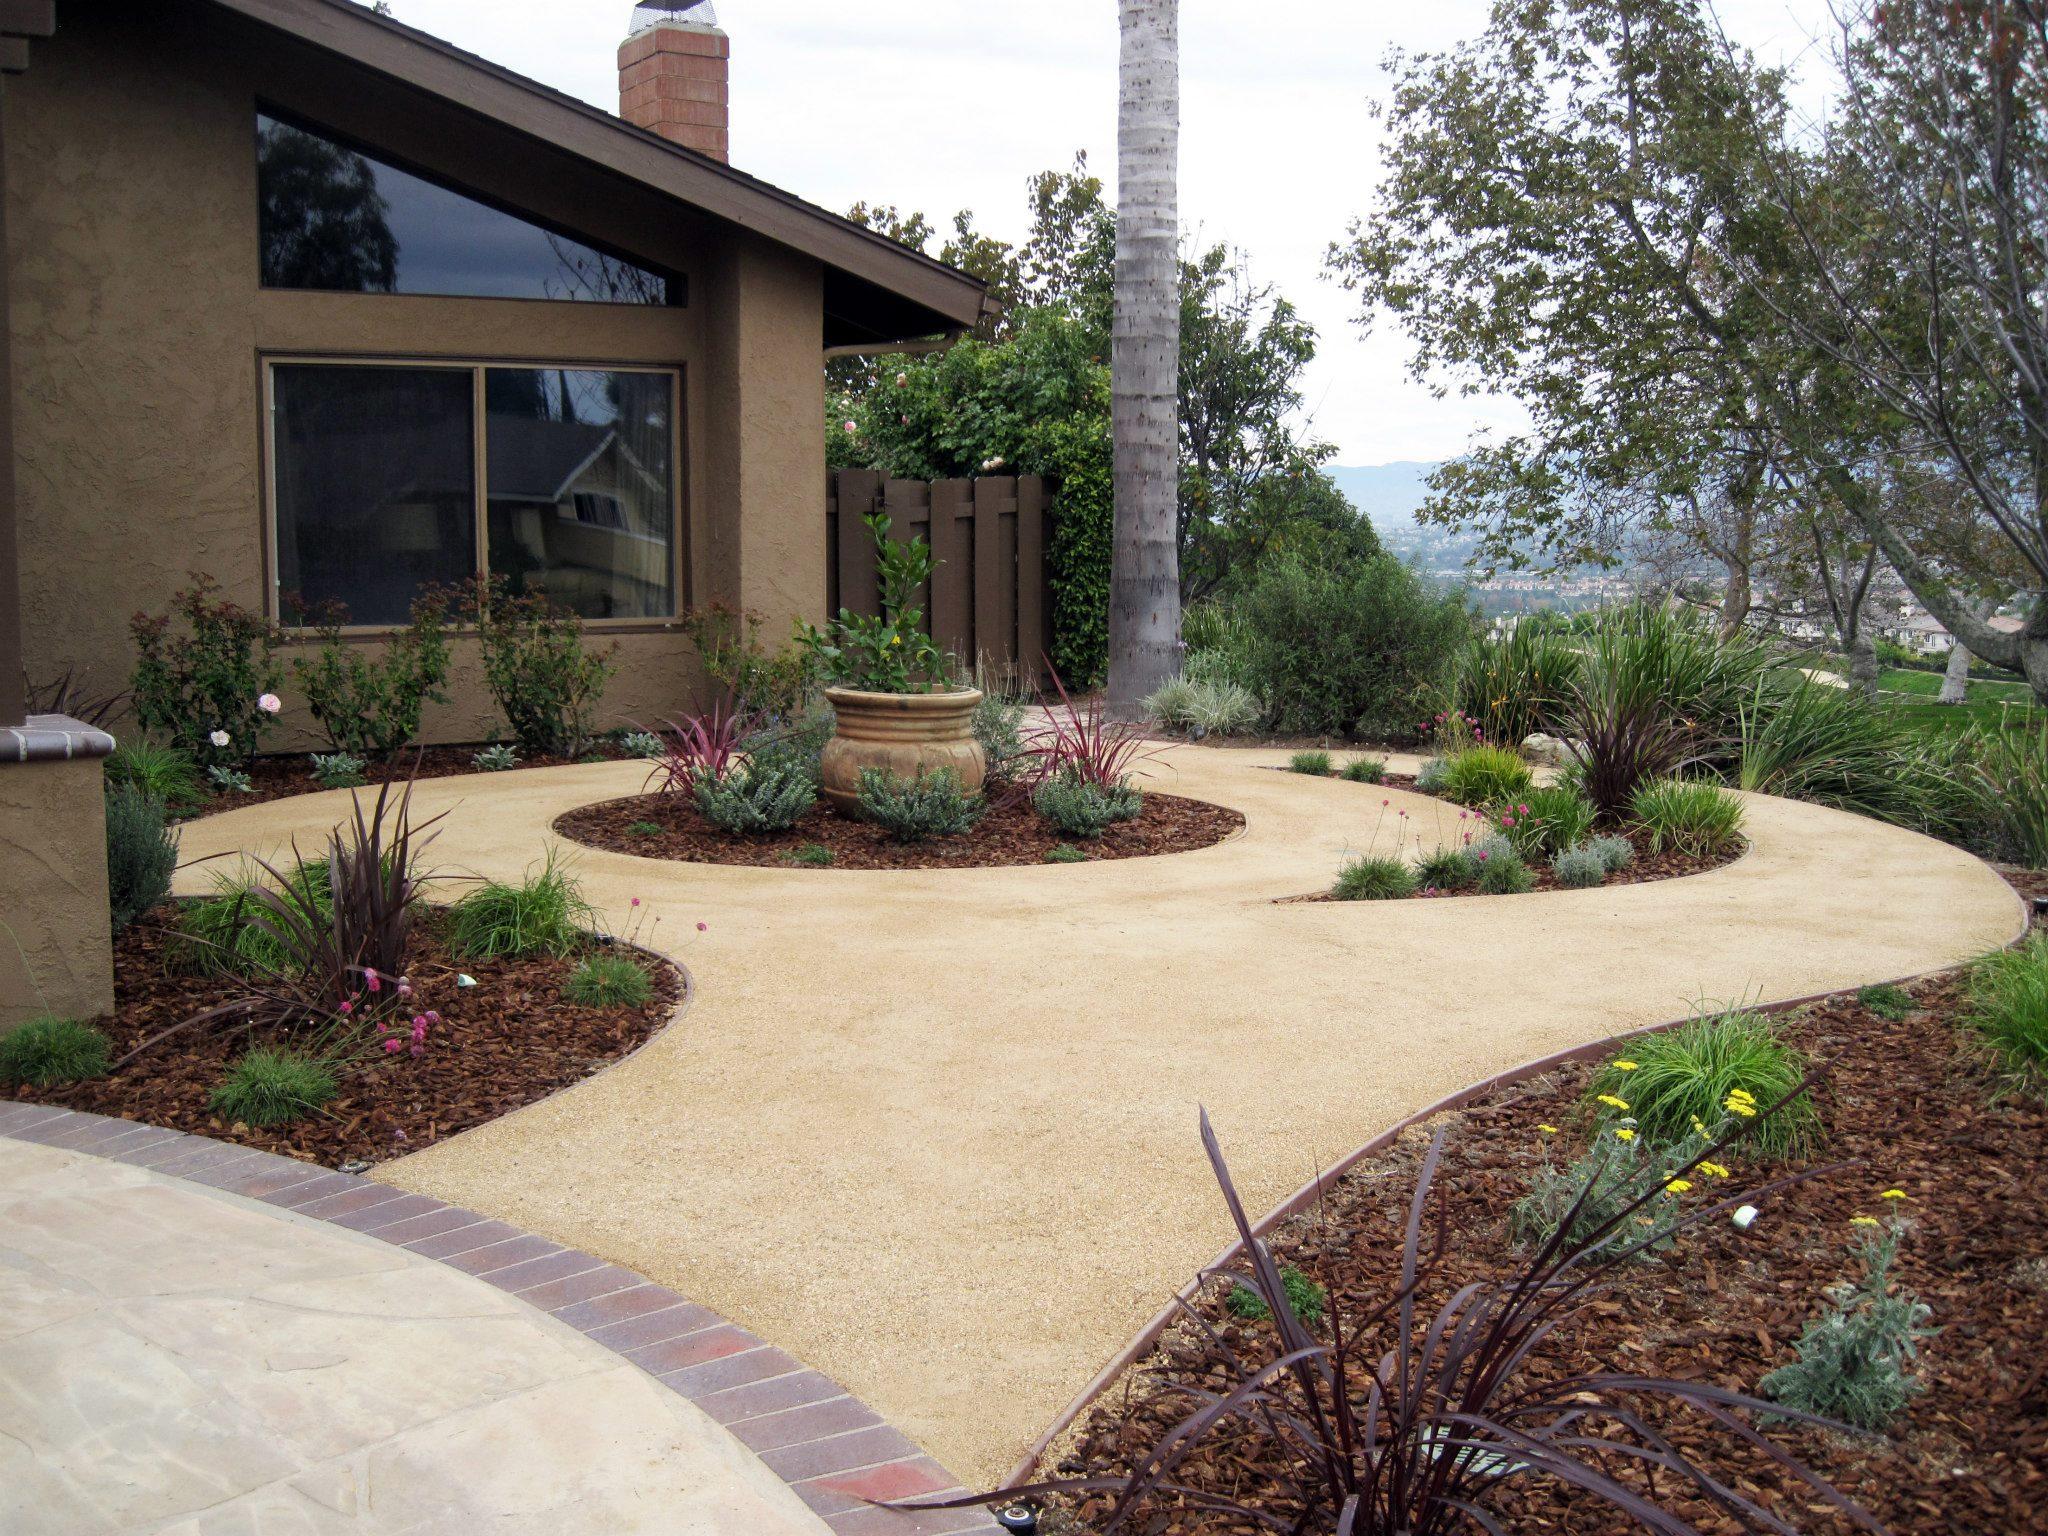 Armstrong Garden Centers Design Consultations